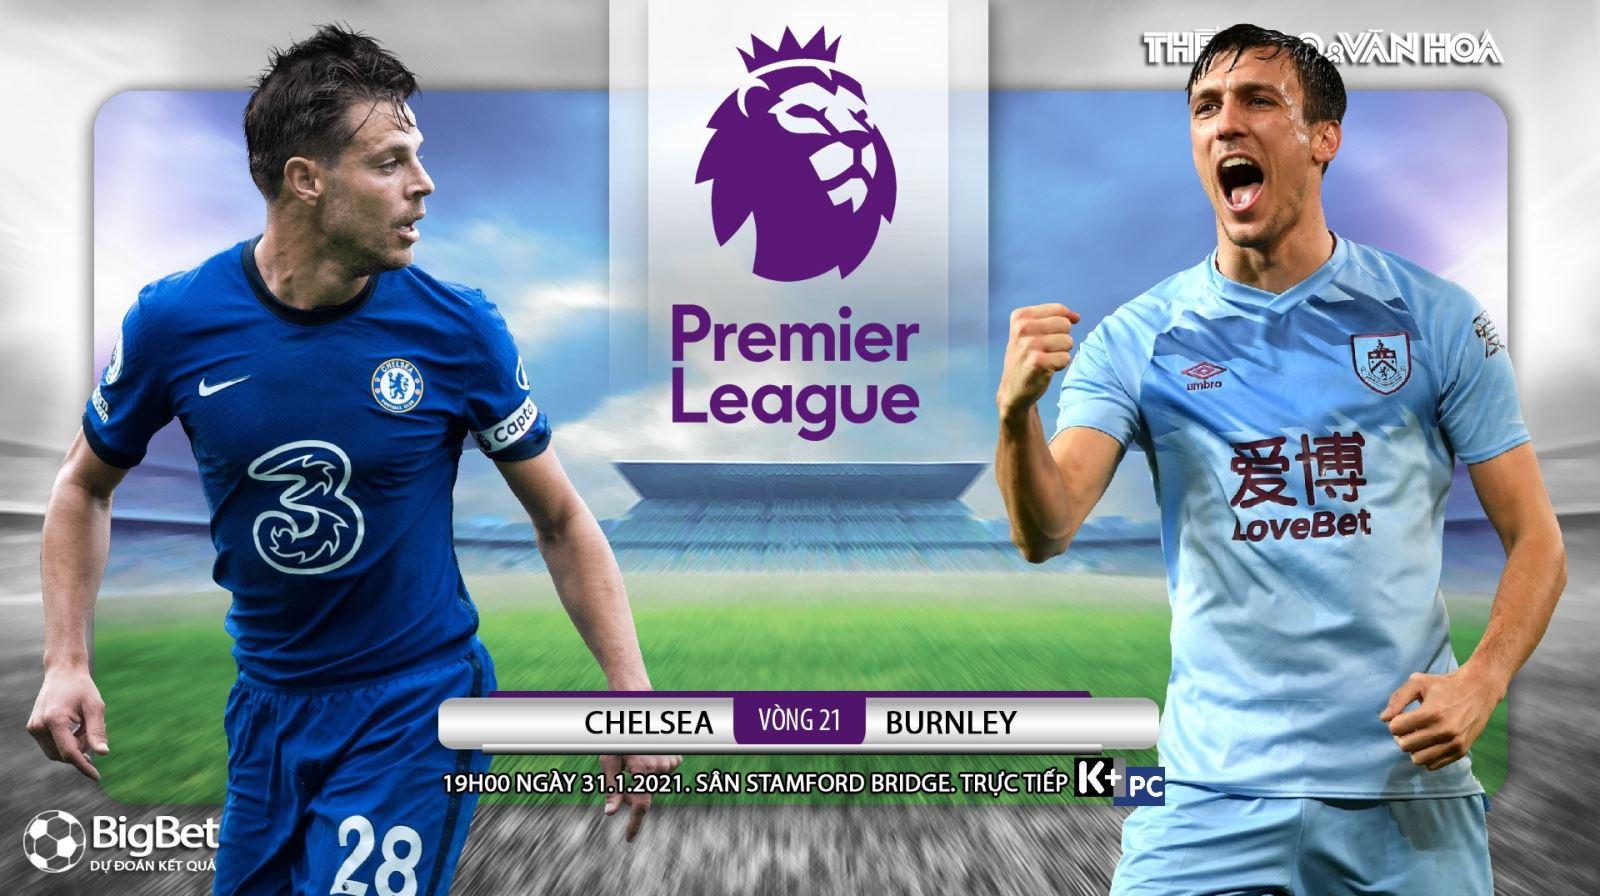 Soi kèo nhà cáiChelsea vs Burnley. K+PC trực tiếp bóng đá Ngoại hạng Anh